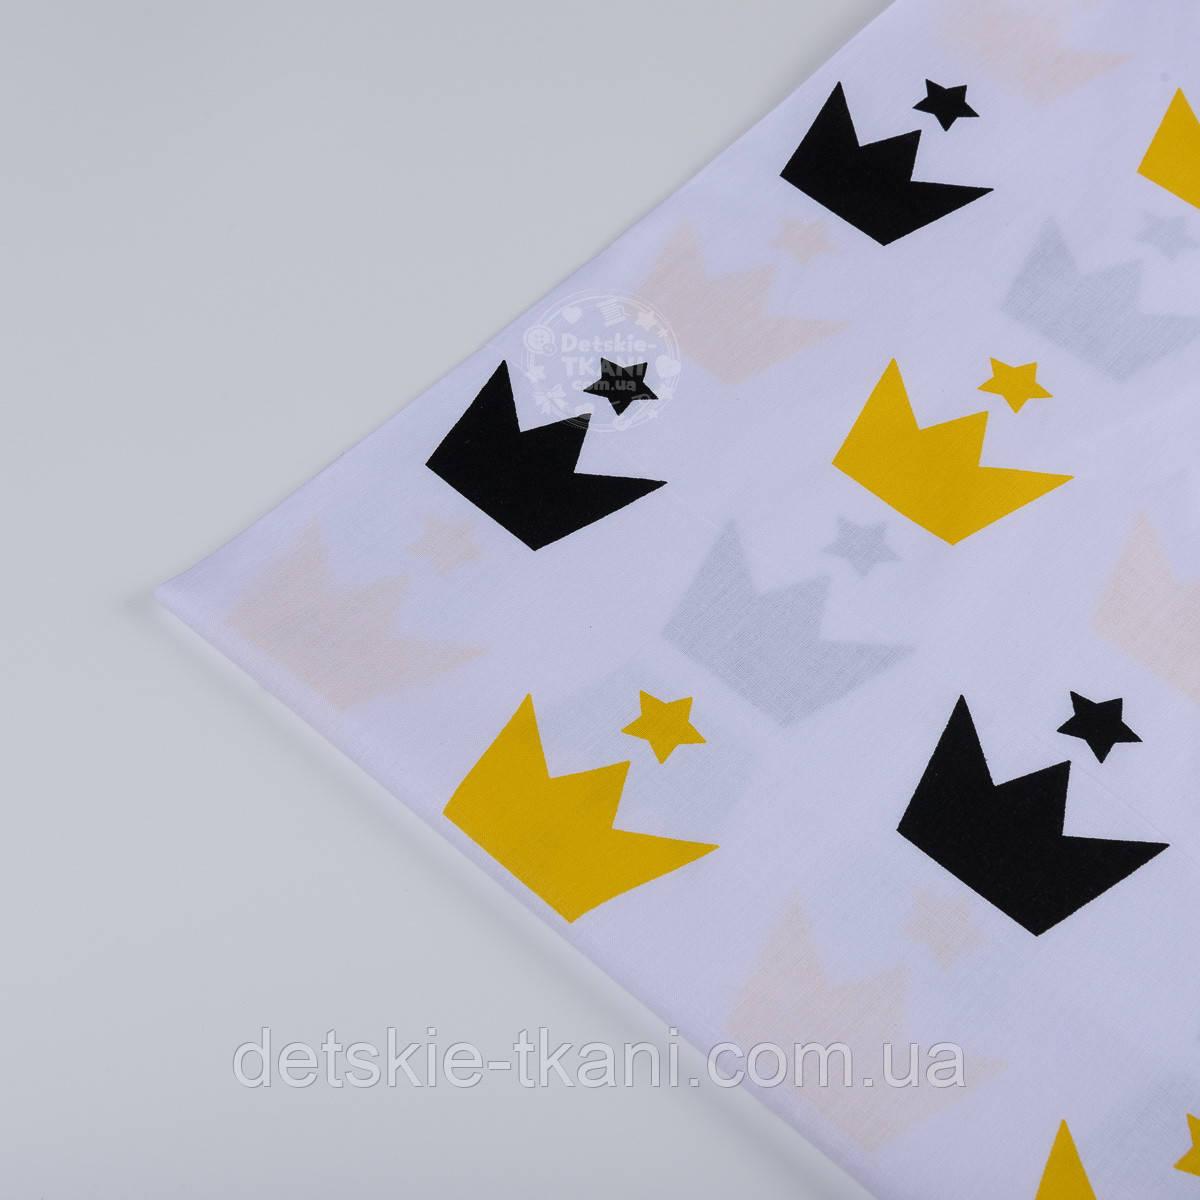 Лоскут ткани №811а  с черными и желтыми коронами на белом фоне